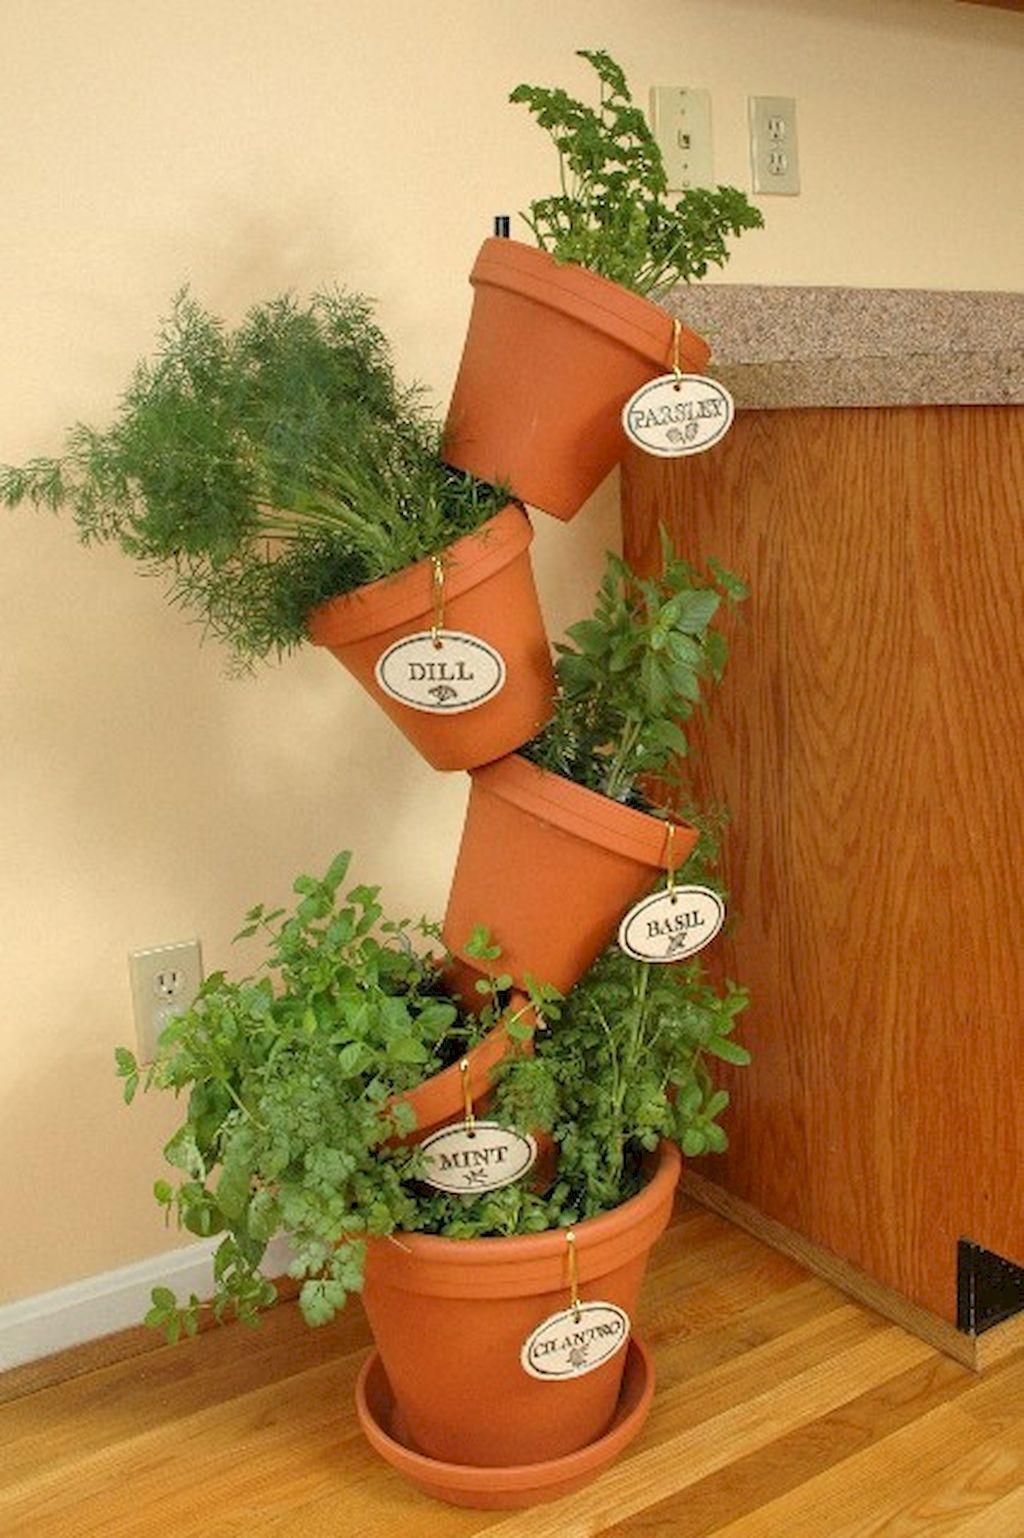 herb garden design ideas photo - 10